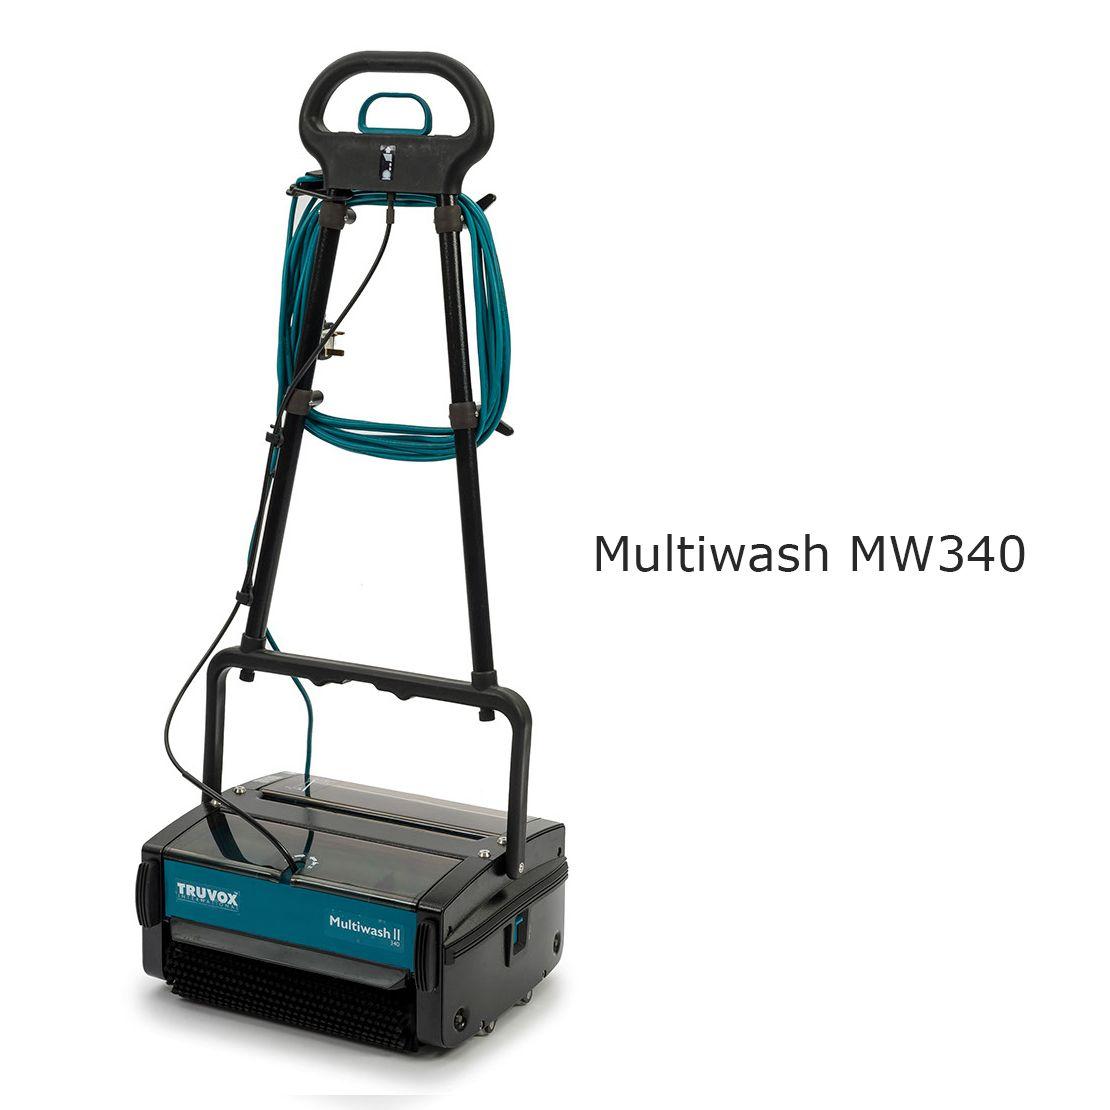 Multiwash MW340